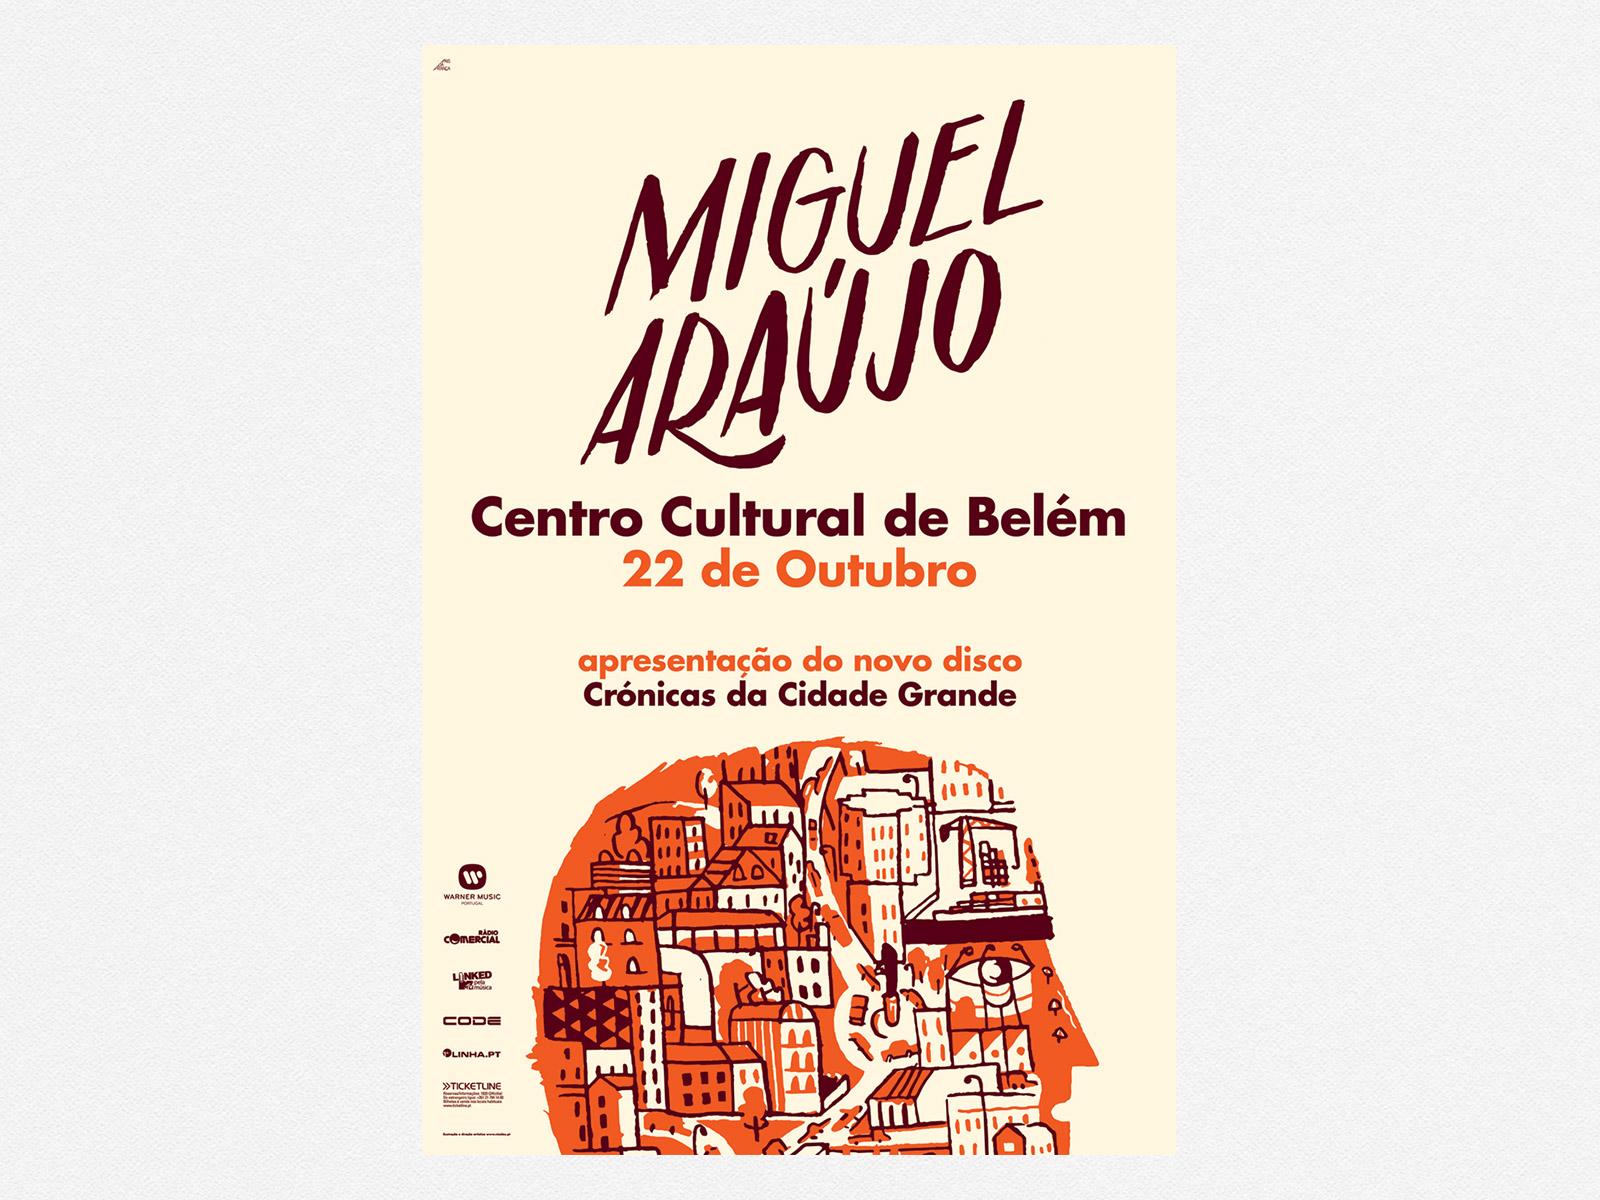 MIGUEL ARAÚJO  - 11